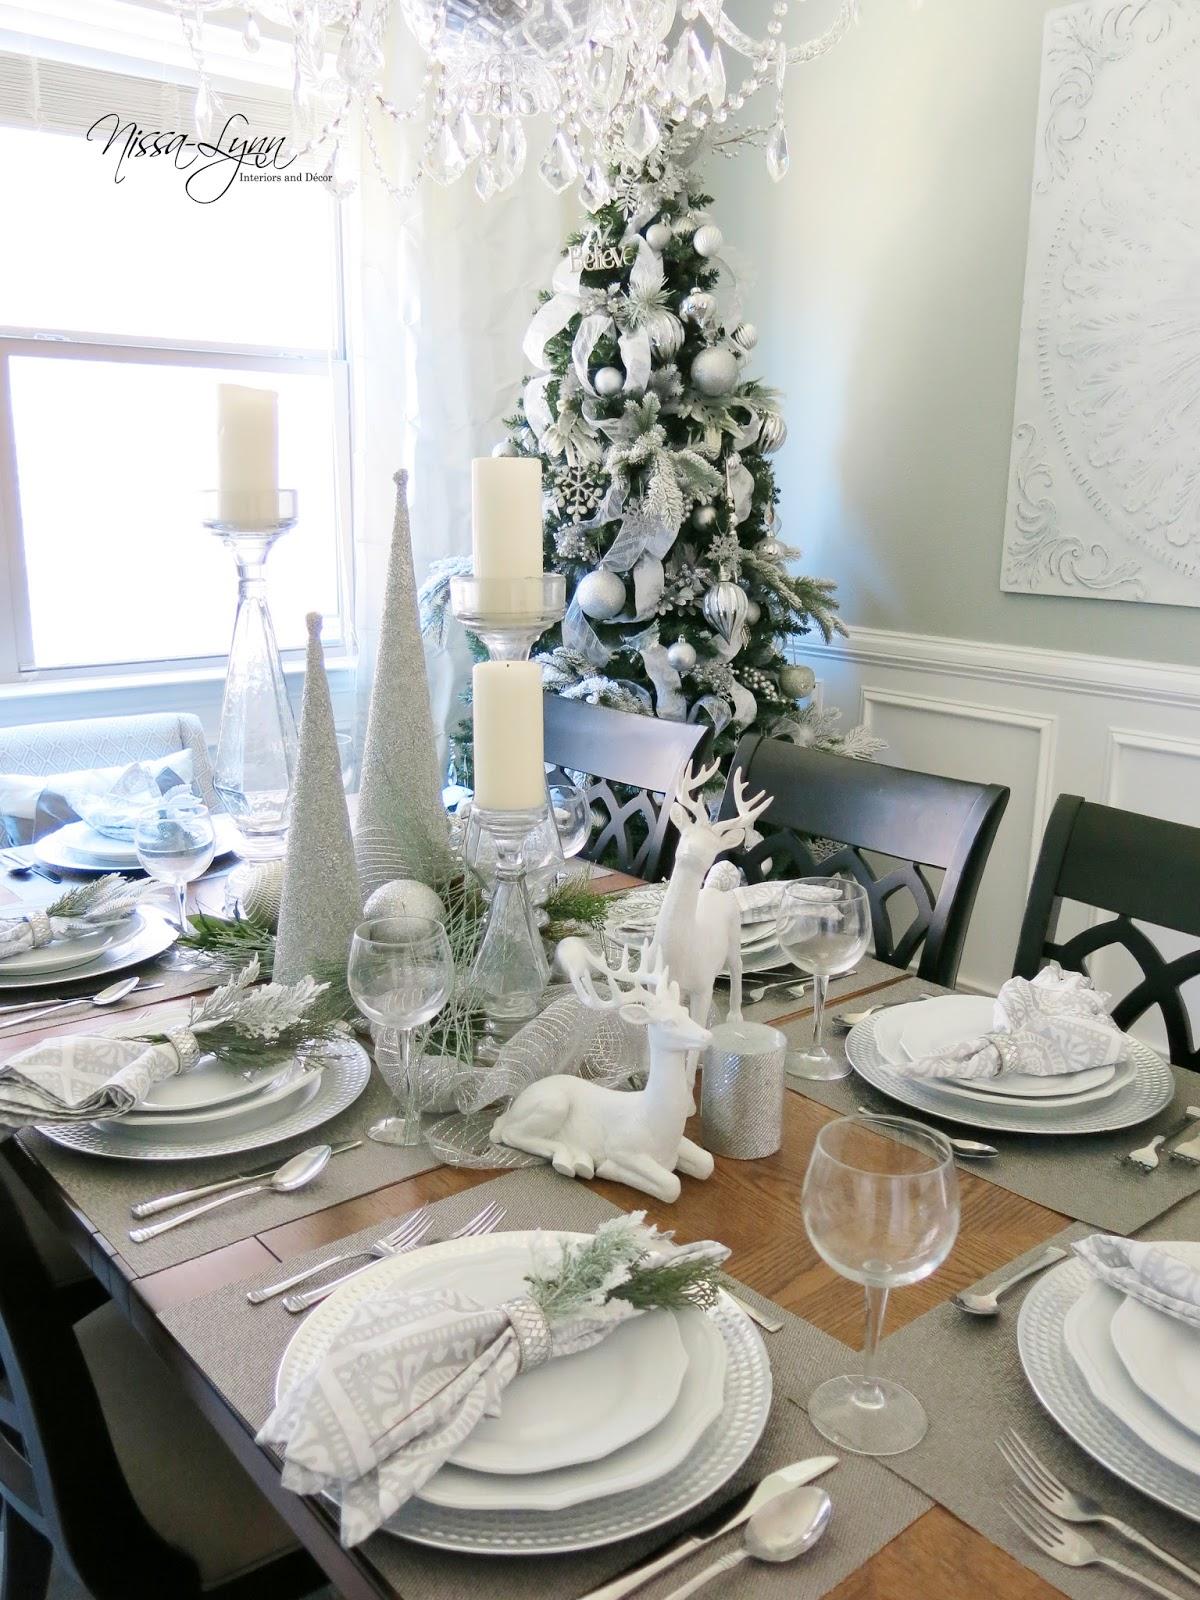 Nissa-Lynn Interiors: Dining Room Table Display!